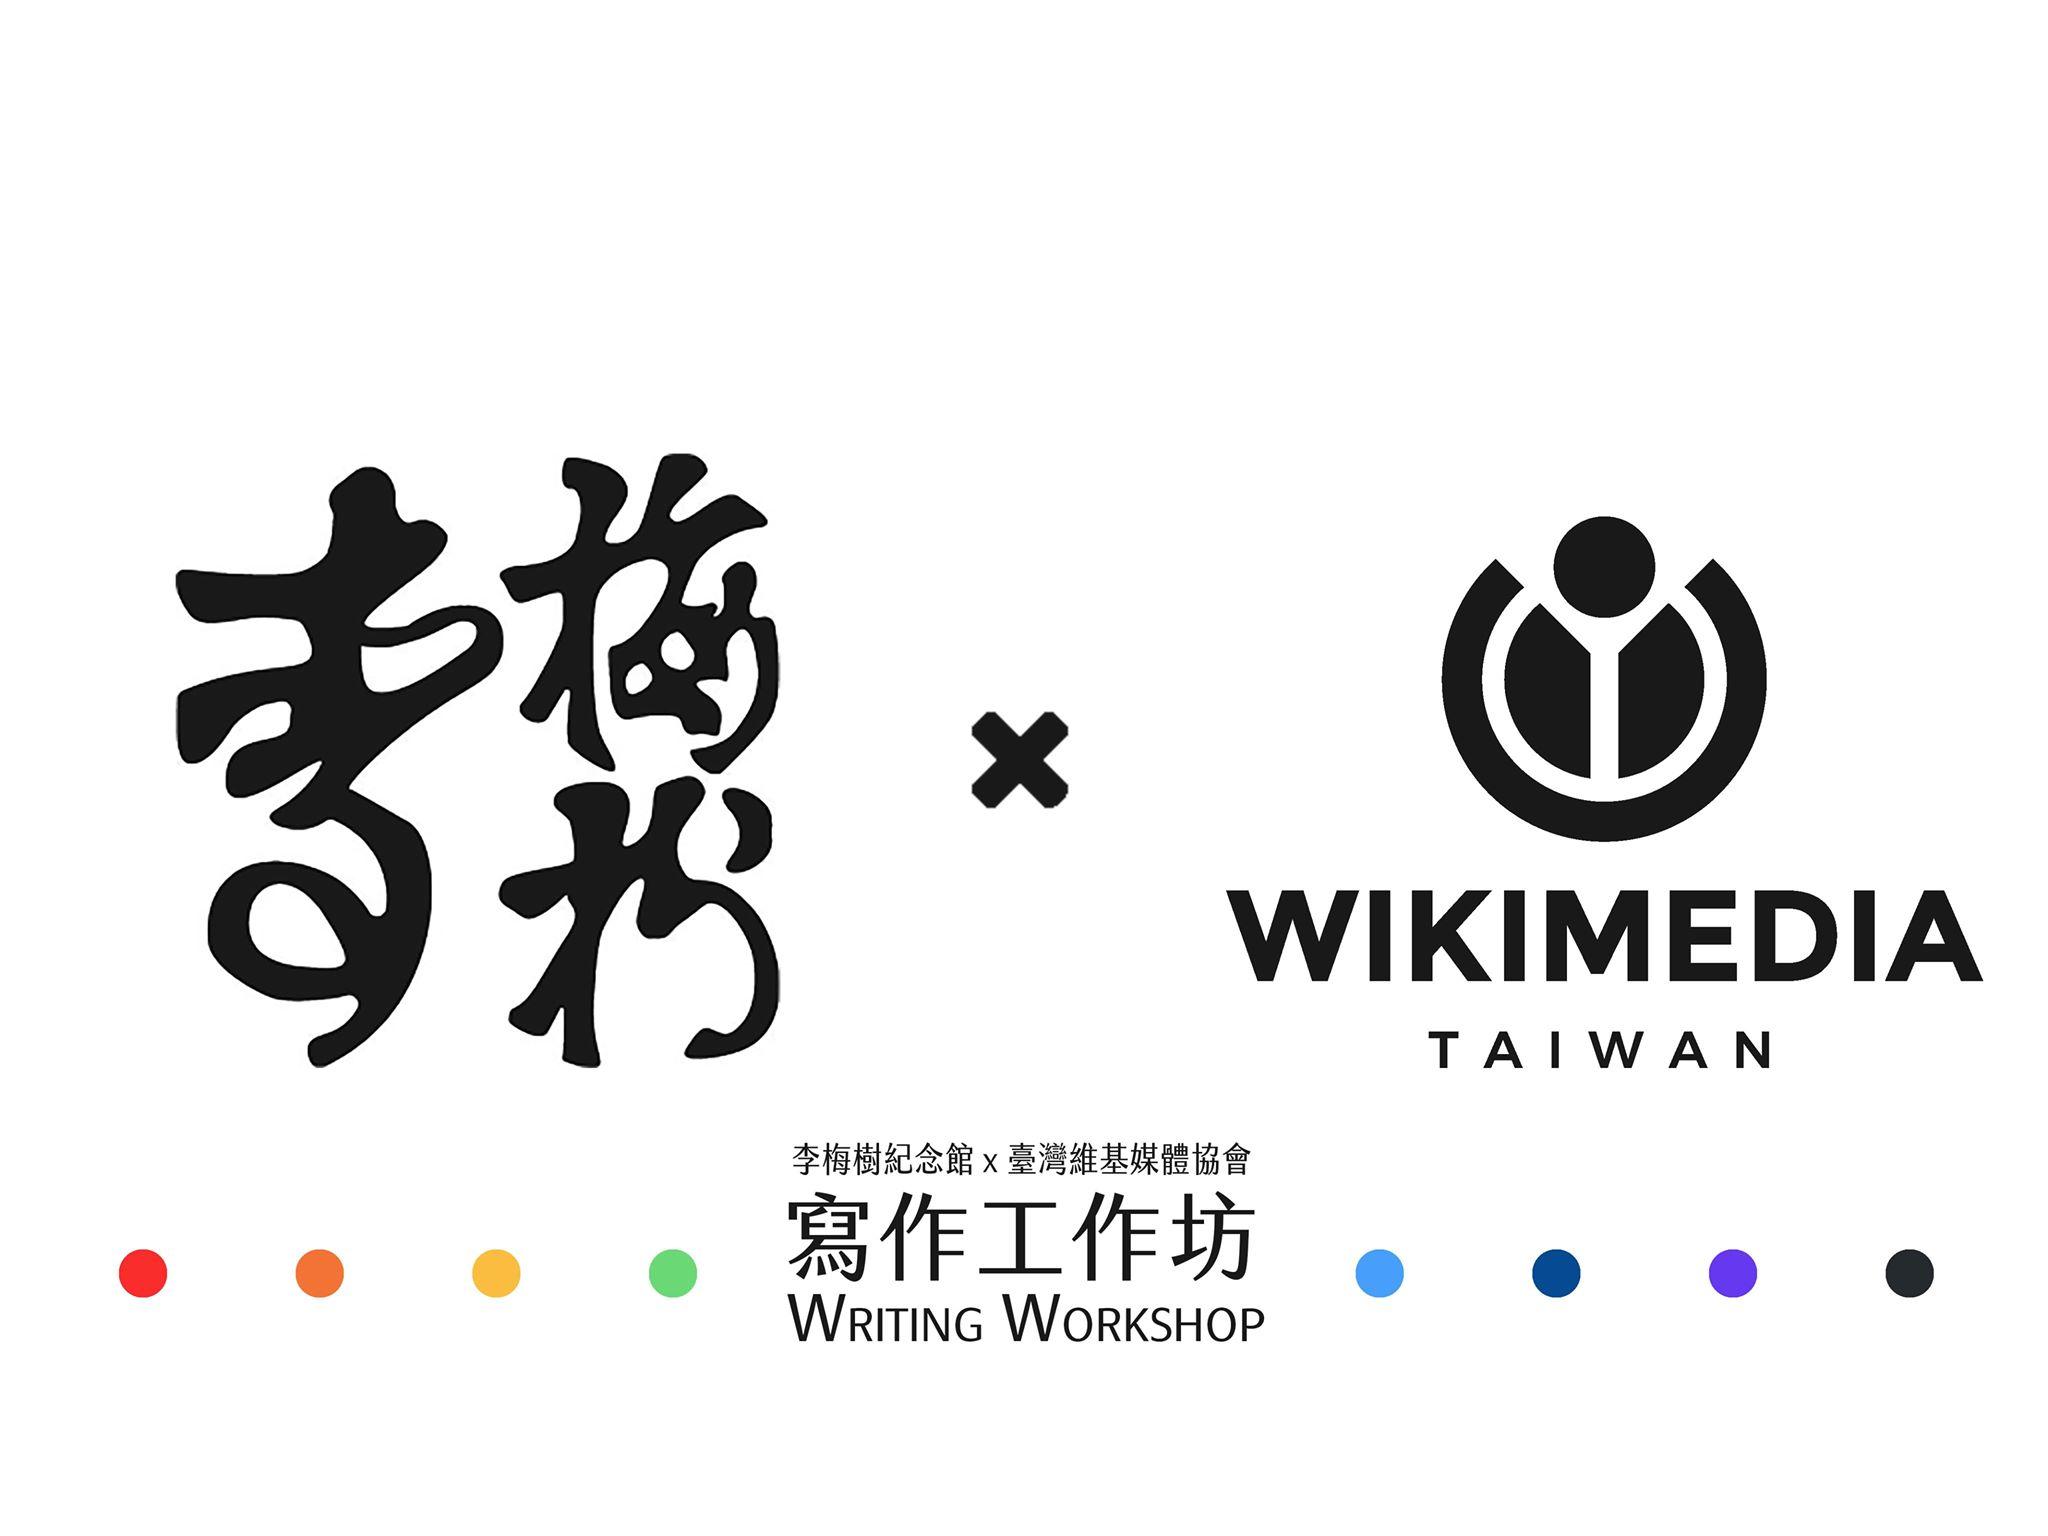 李梅樹紀念館x維基百科館聯專案 第一次寫作工作坊